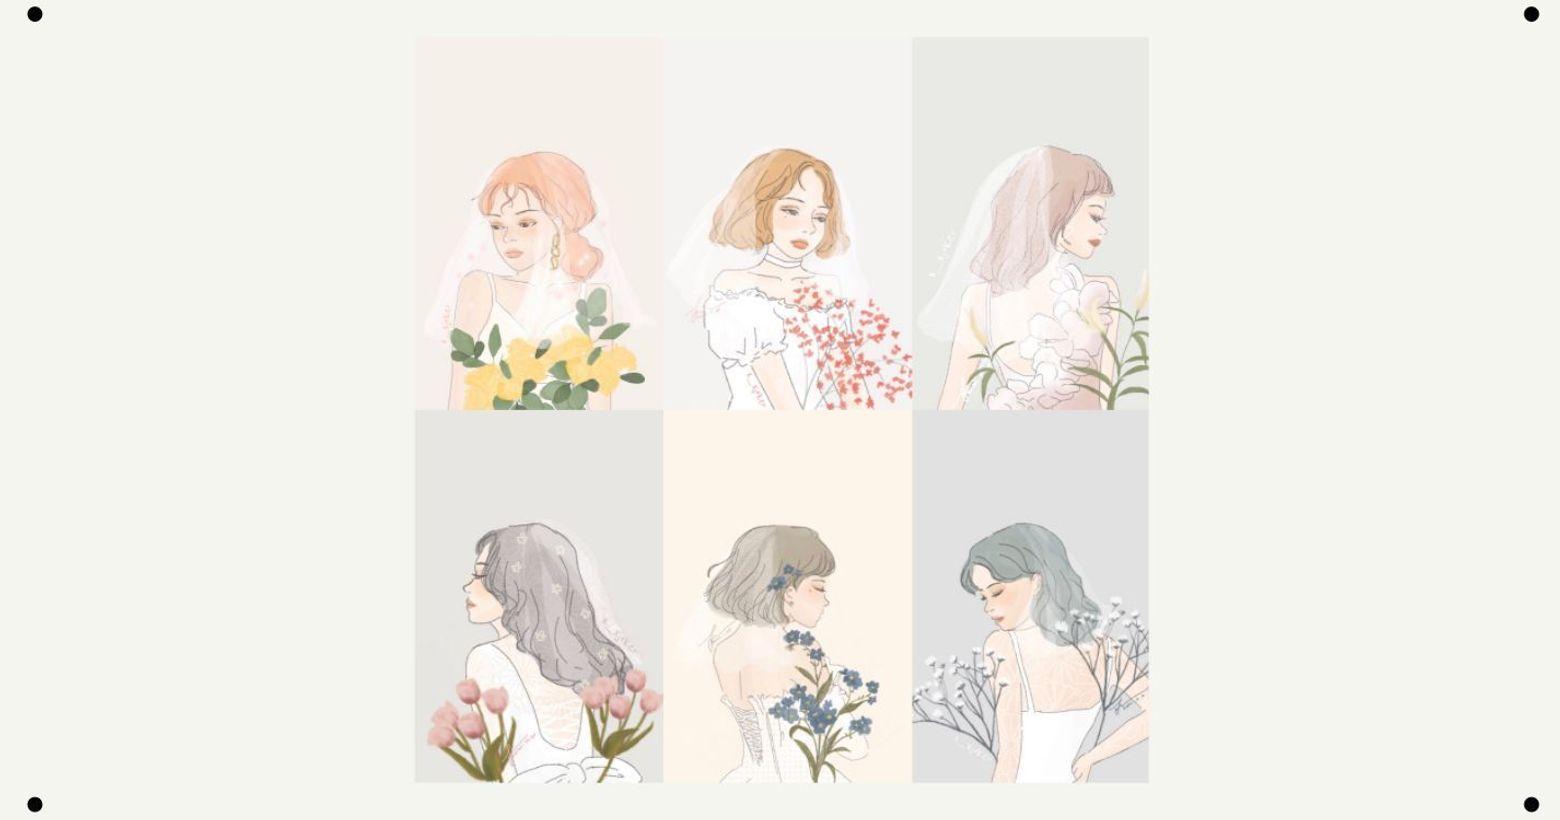 十二星座新娘這麼美(合輯)十二星座新娘集合啦~一篇就能收藏6新娘最美的倩影💓讓我們一字排開好好介紹